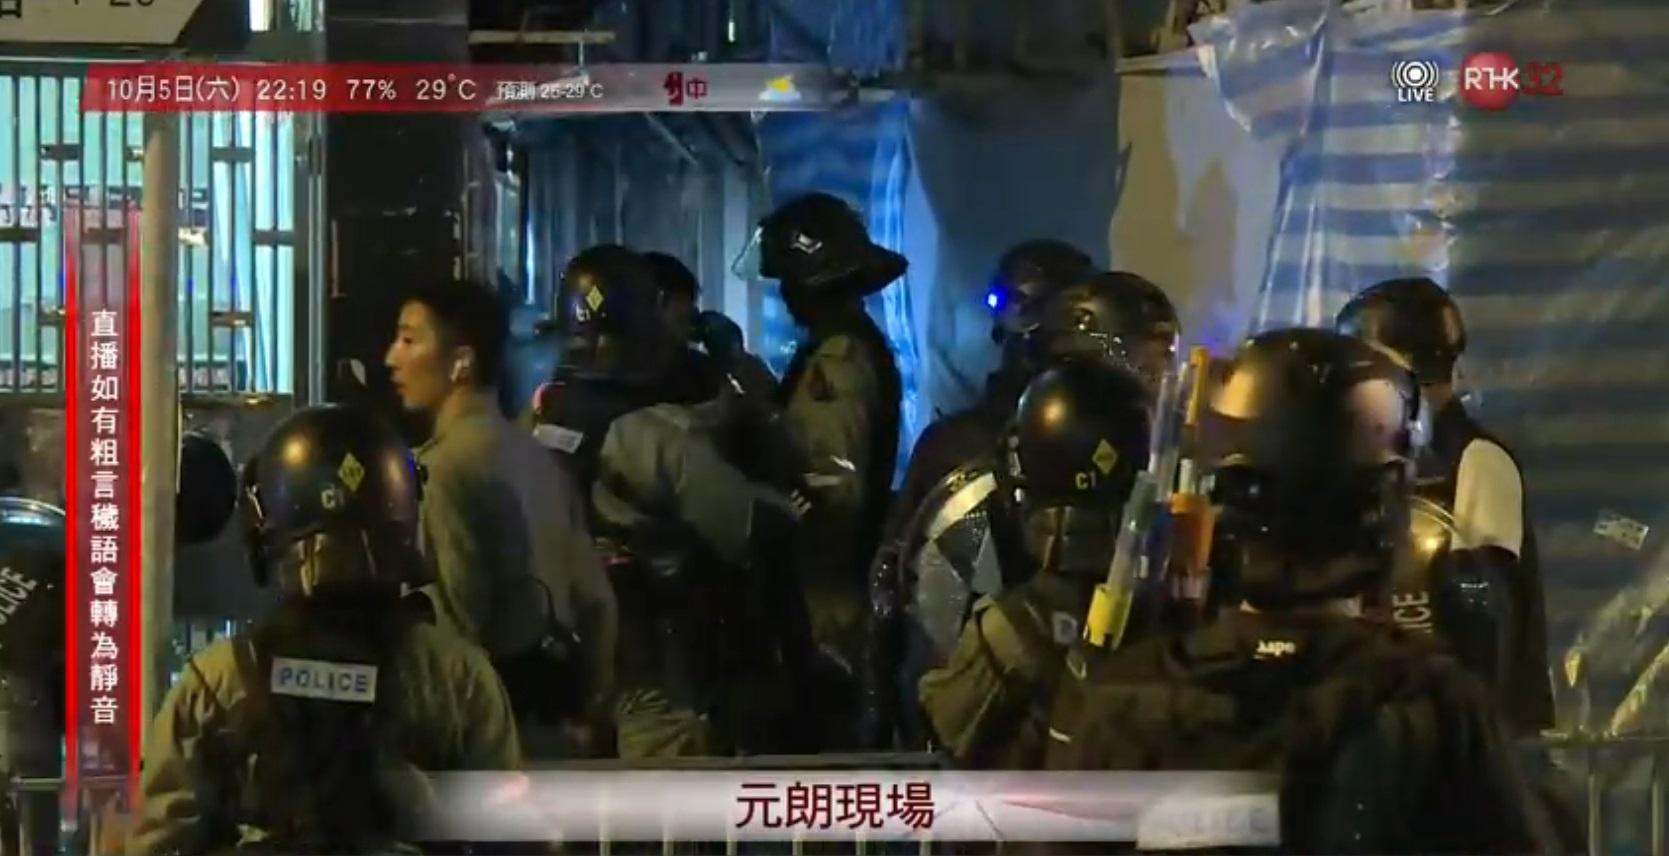 元朗警員制服聚集男子 。港台電視截圖